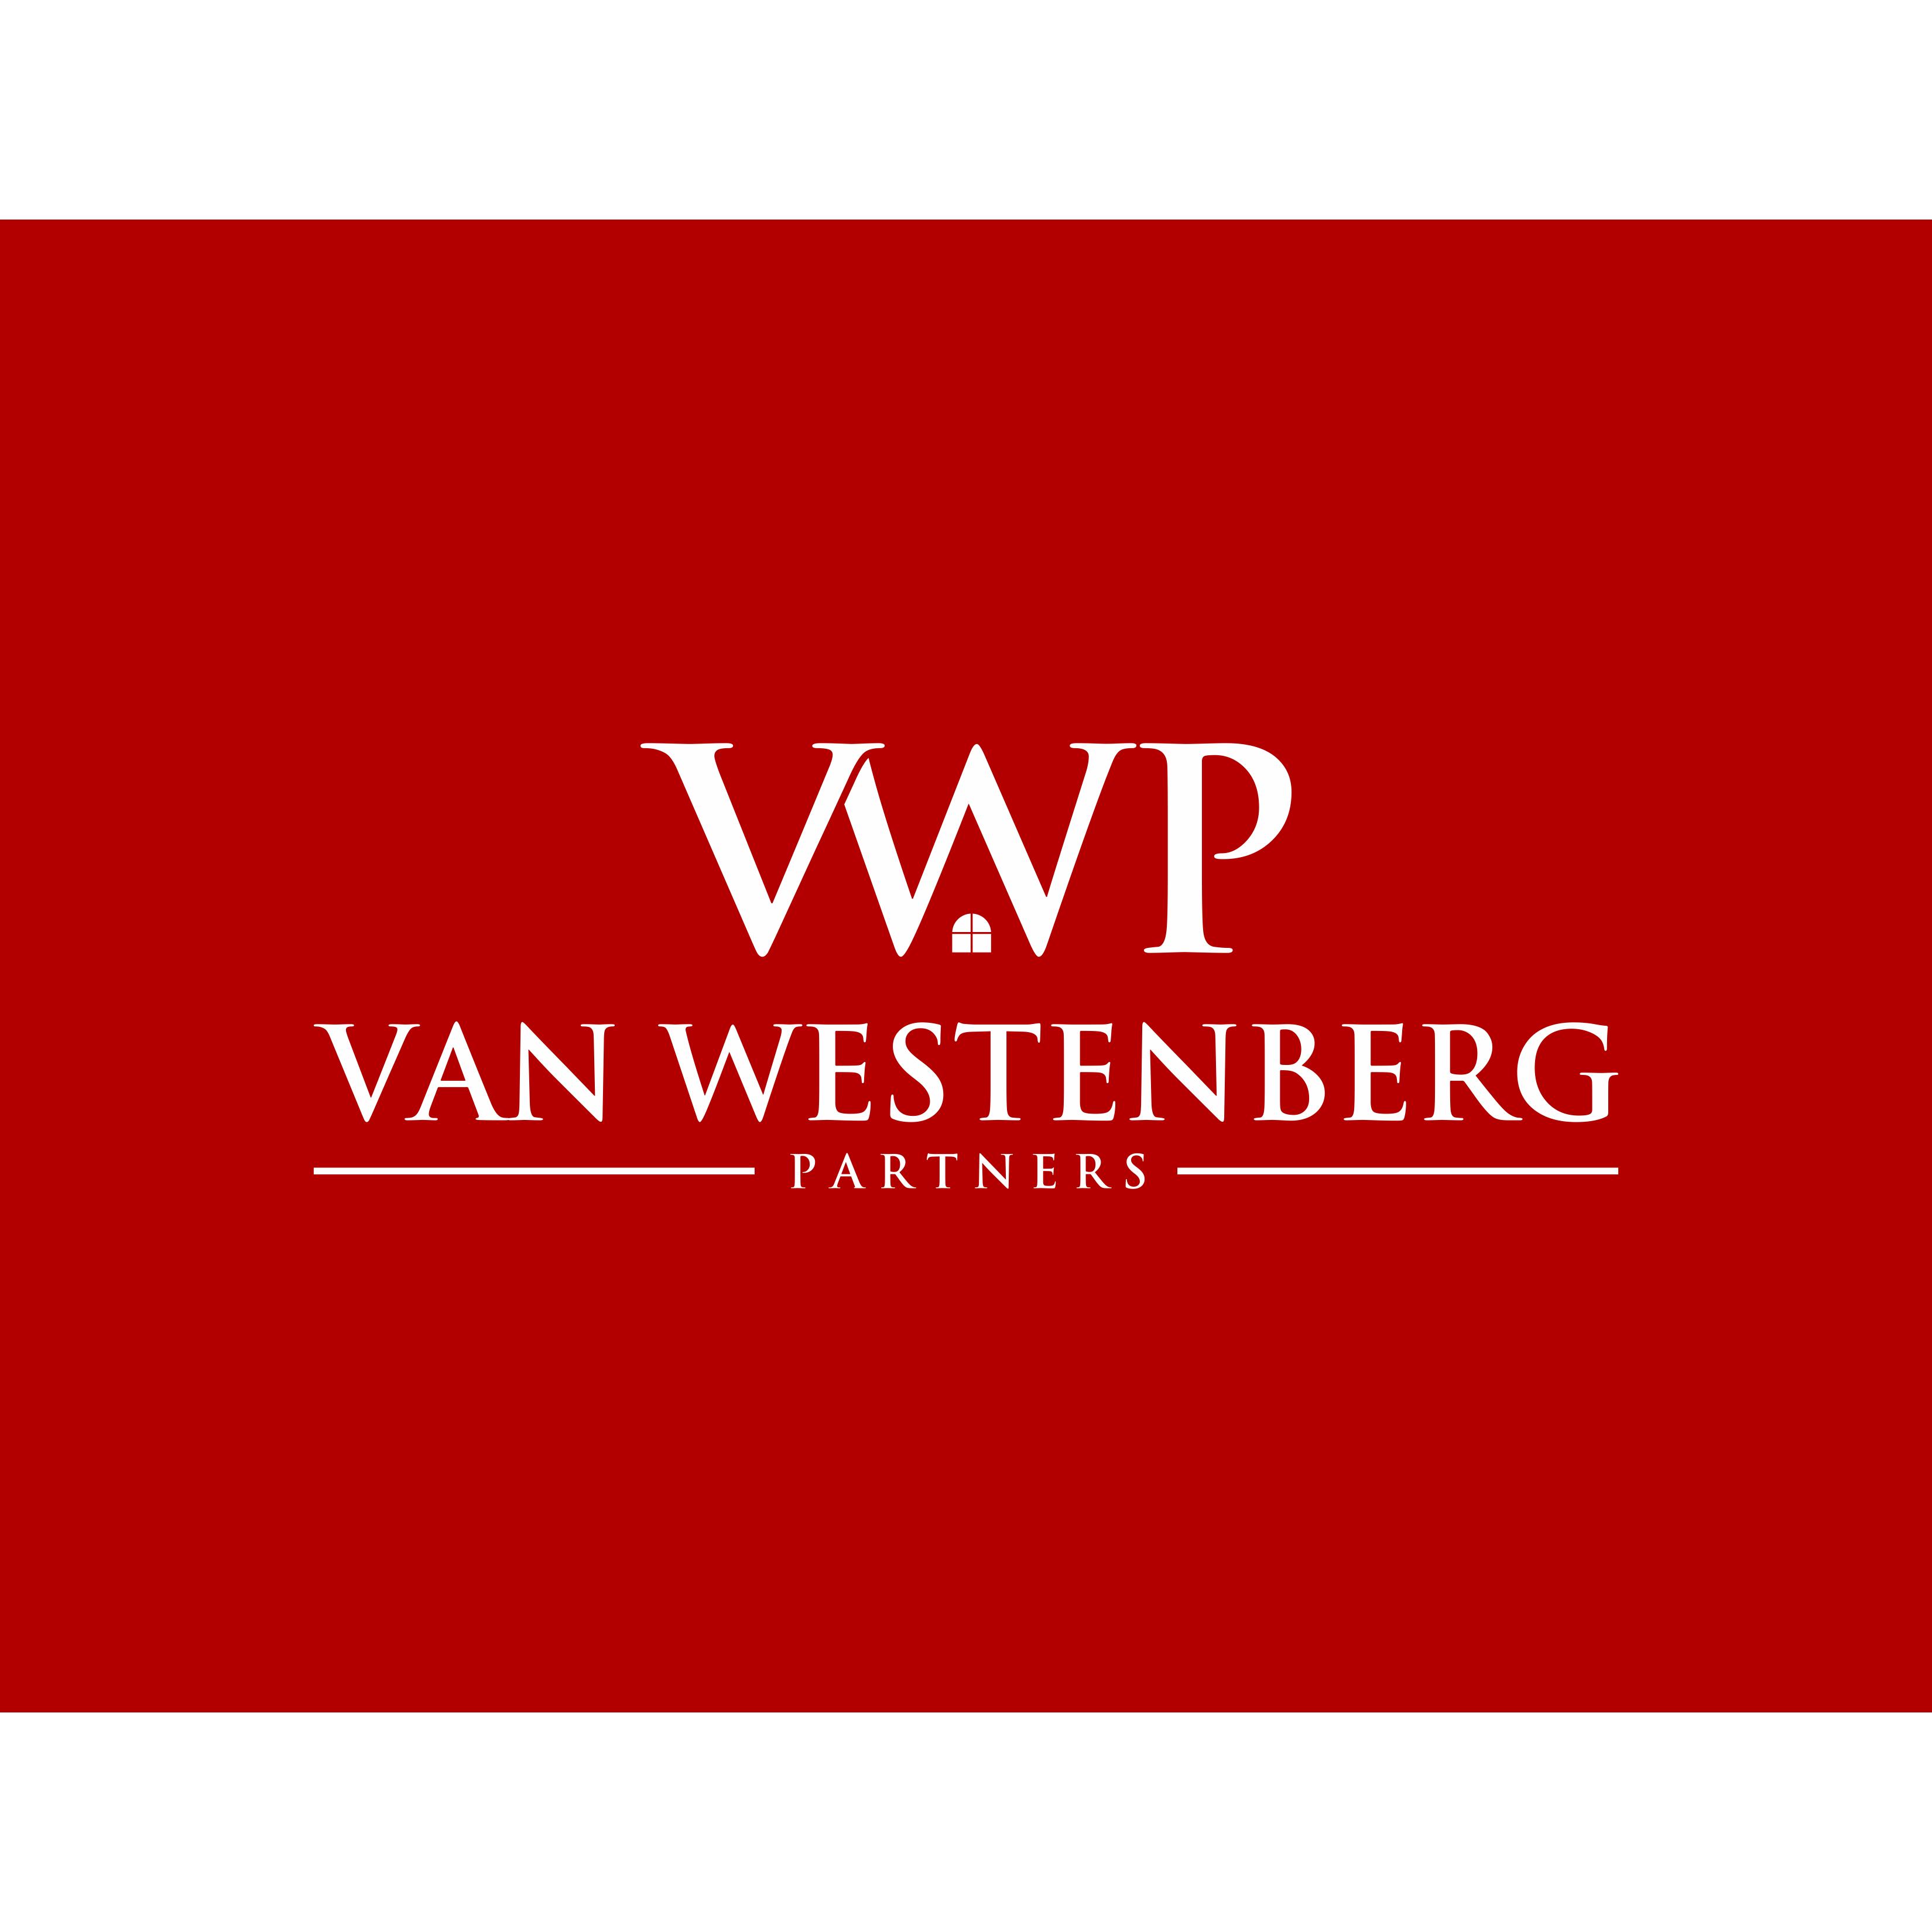 Van Westenberg Partners